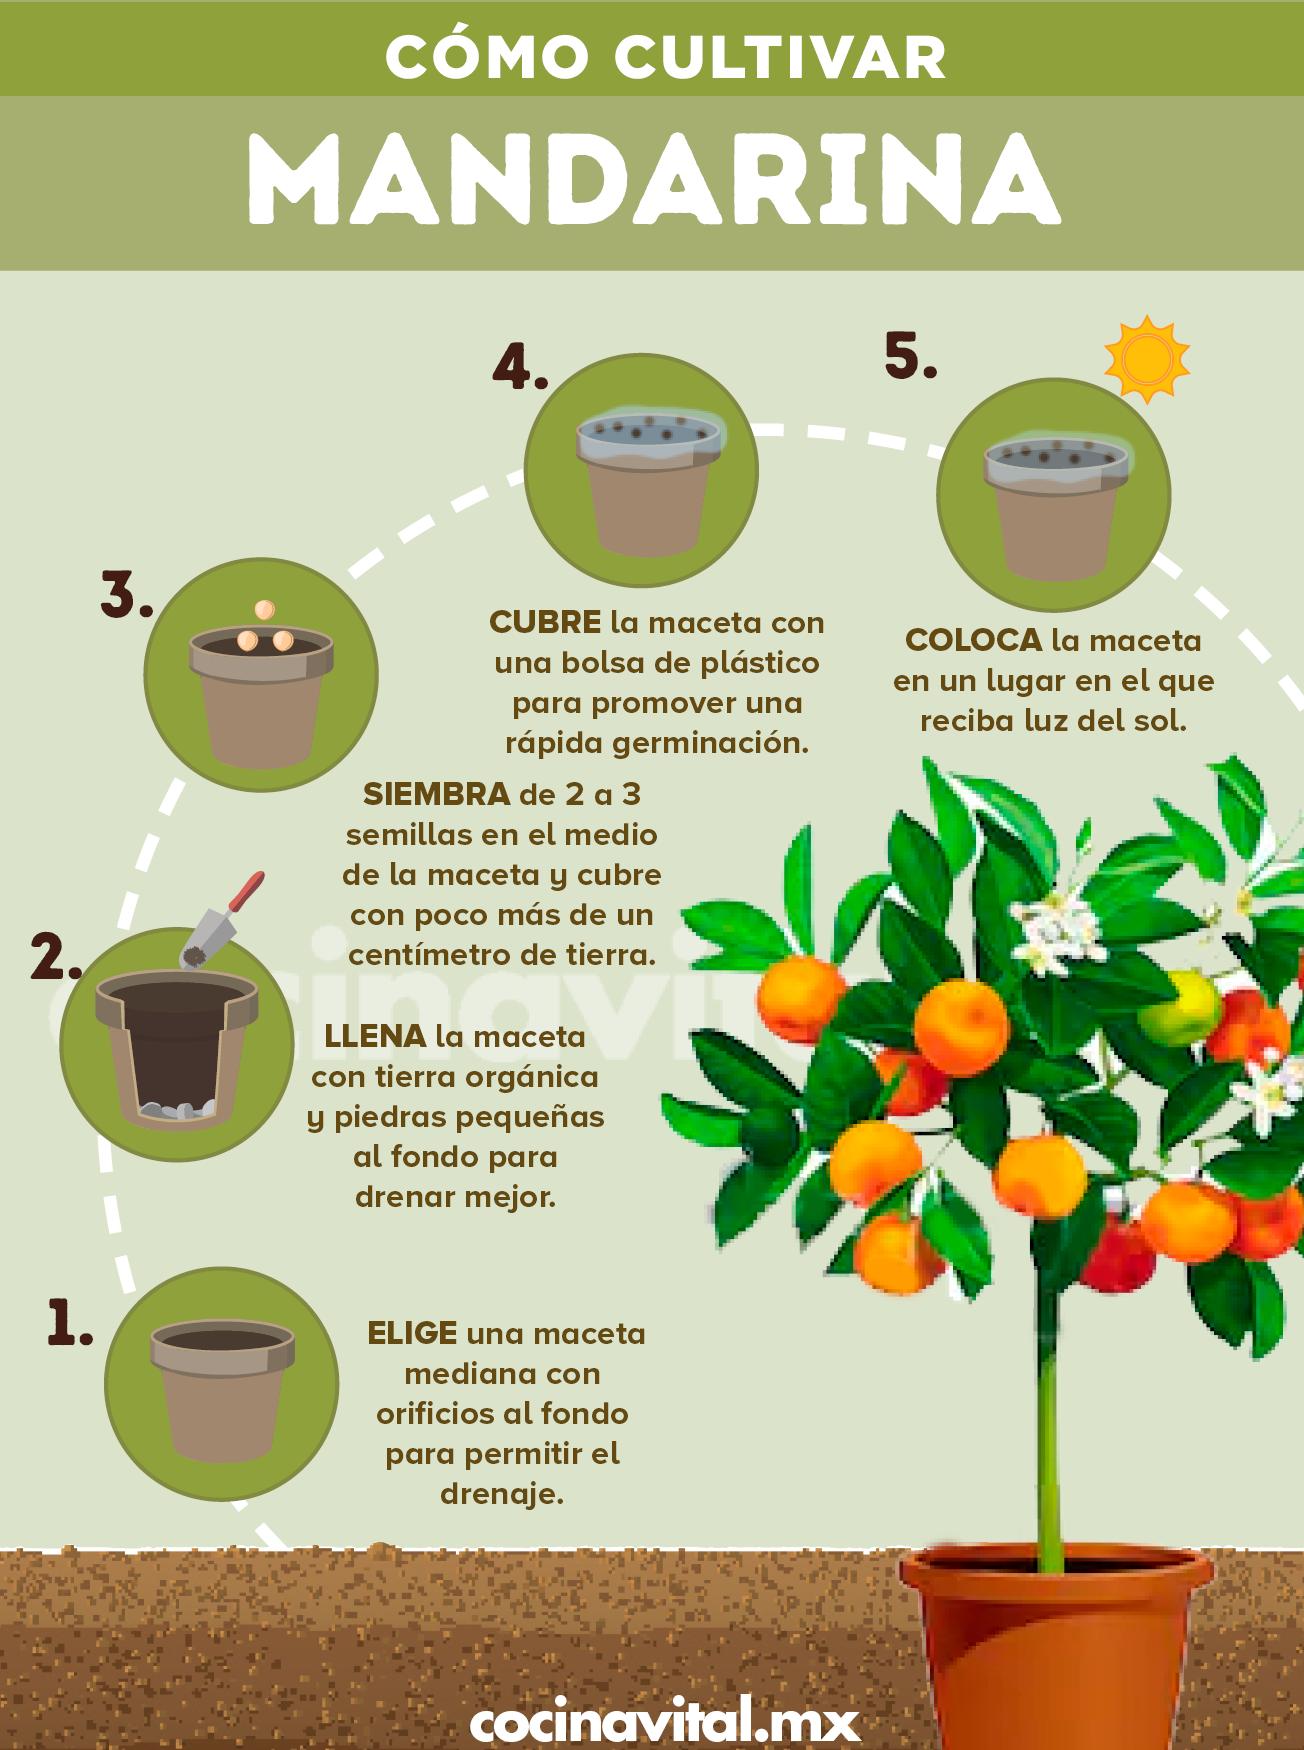 Cómo Sembrar Mandarinas En Casa Cocina Vital Qué Cocinar Hoy Cultivo De Plantas Jardinería De Hortalizas En Macetas Cultivo De Hortalizas